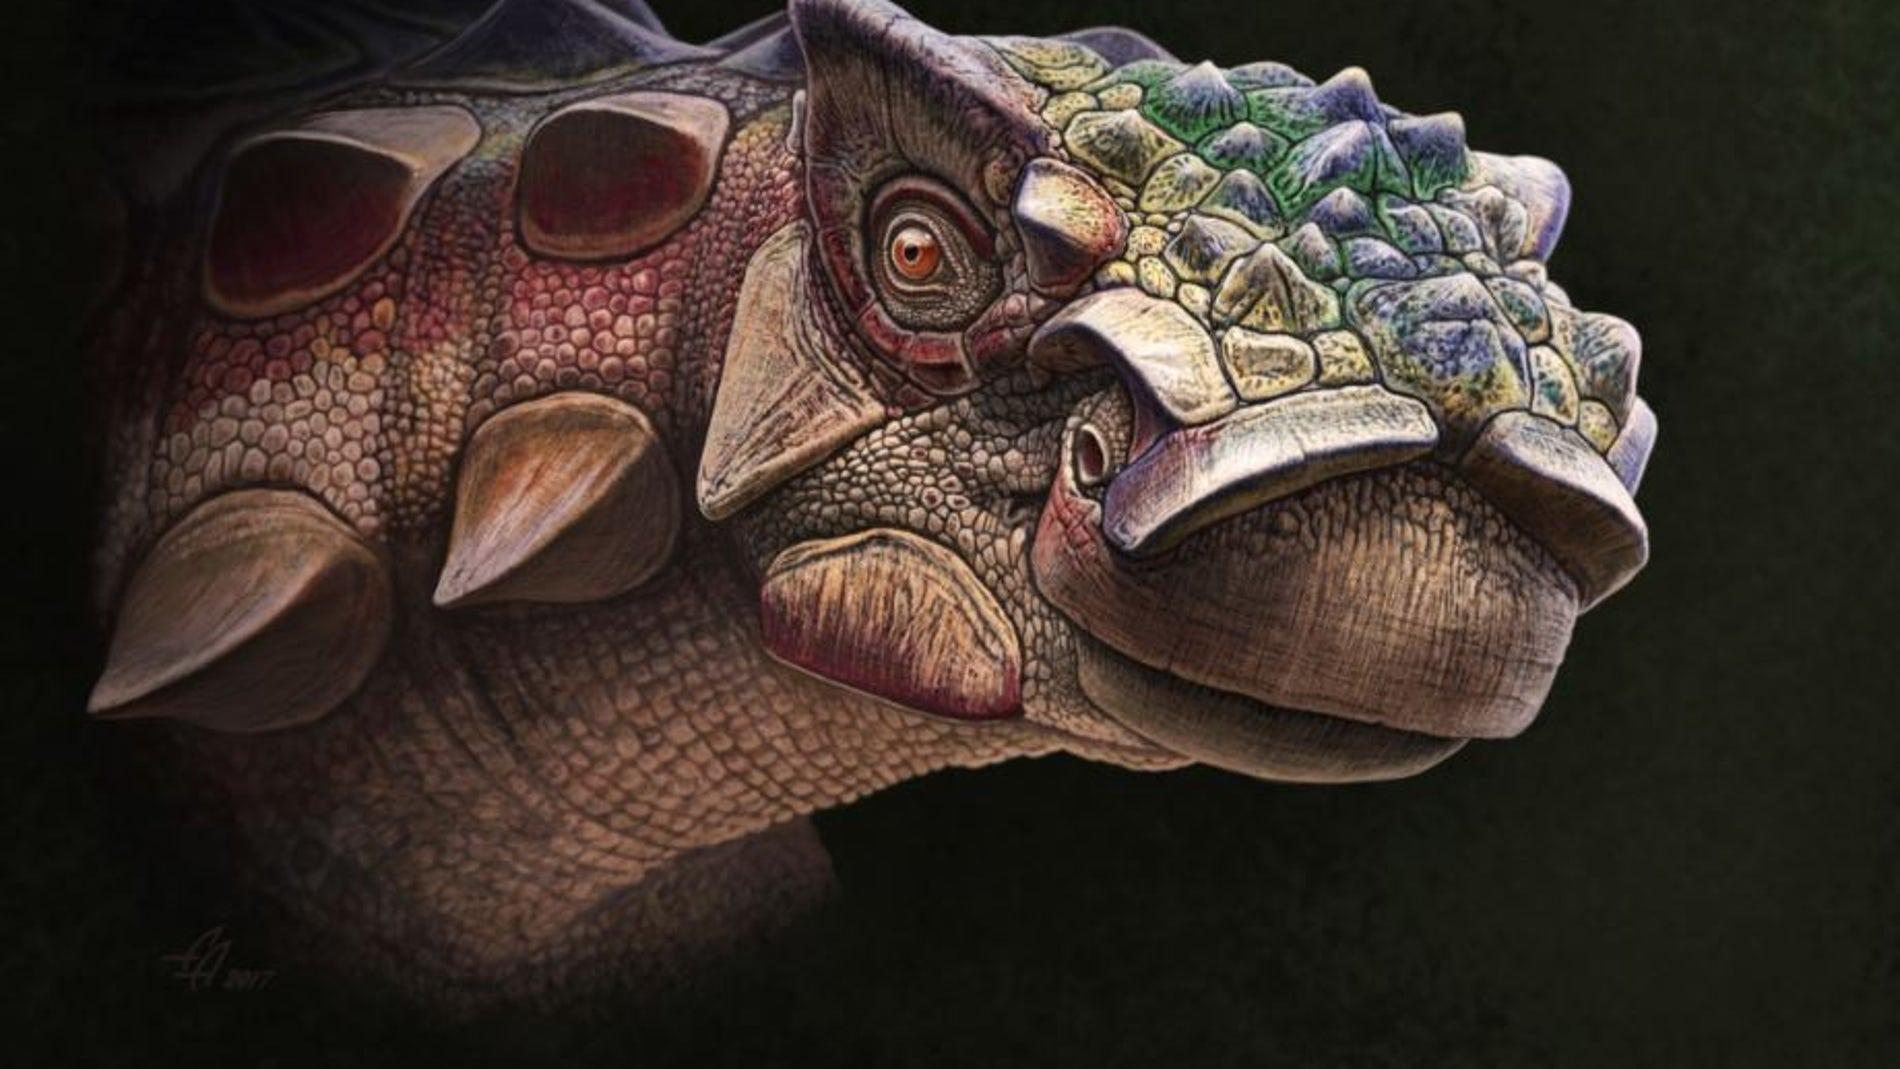 El hallazgo de un nuevo anquilosaurio arroja luz sobre su origen